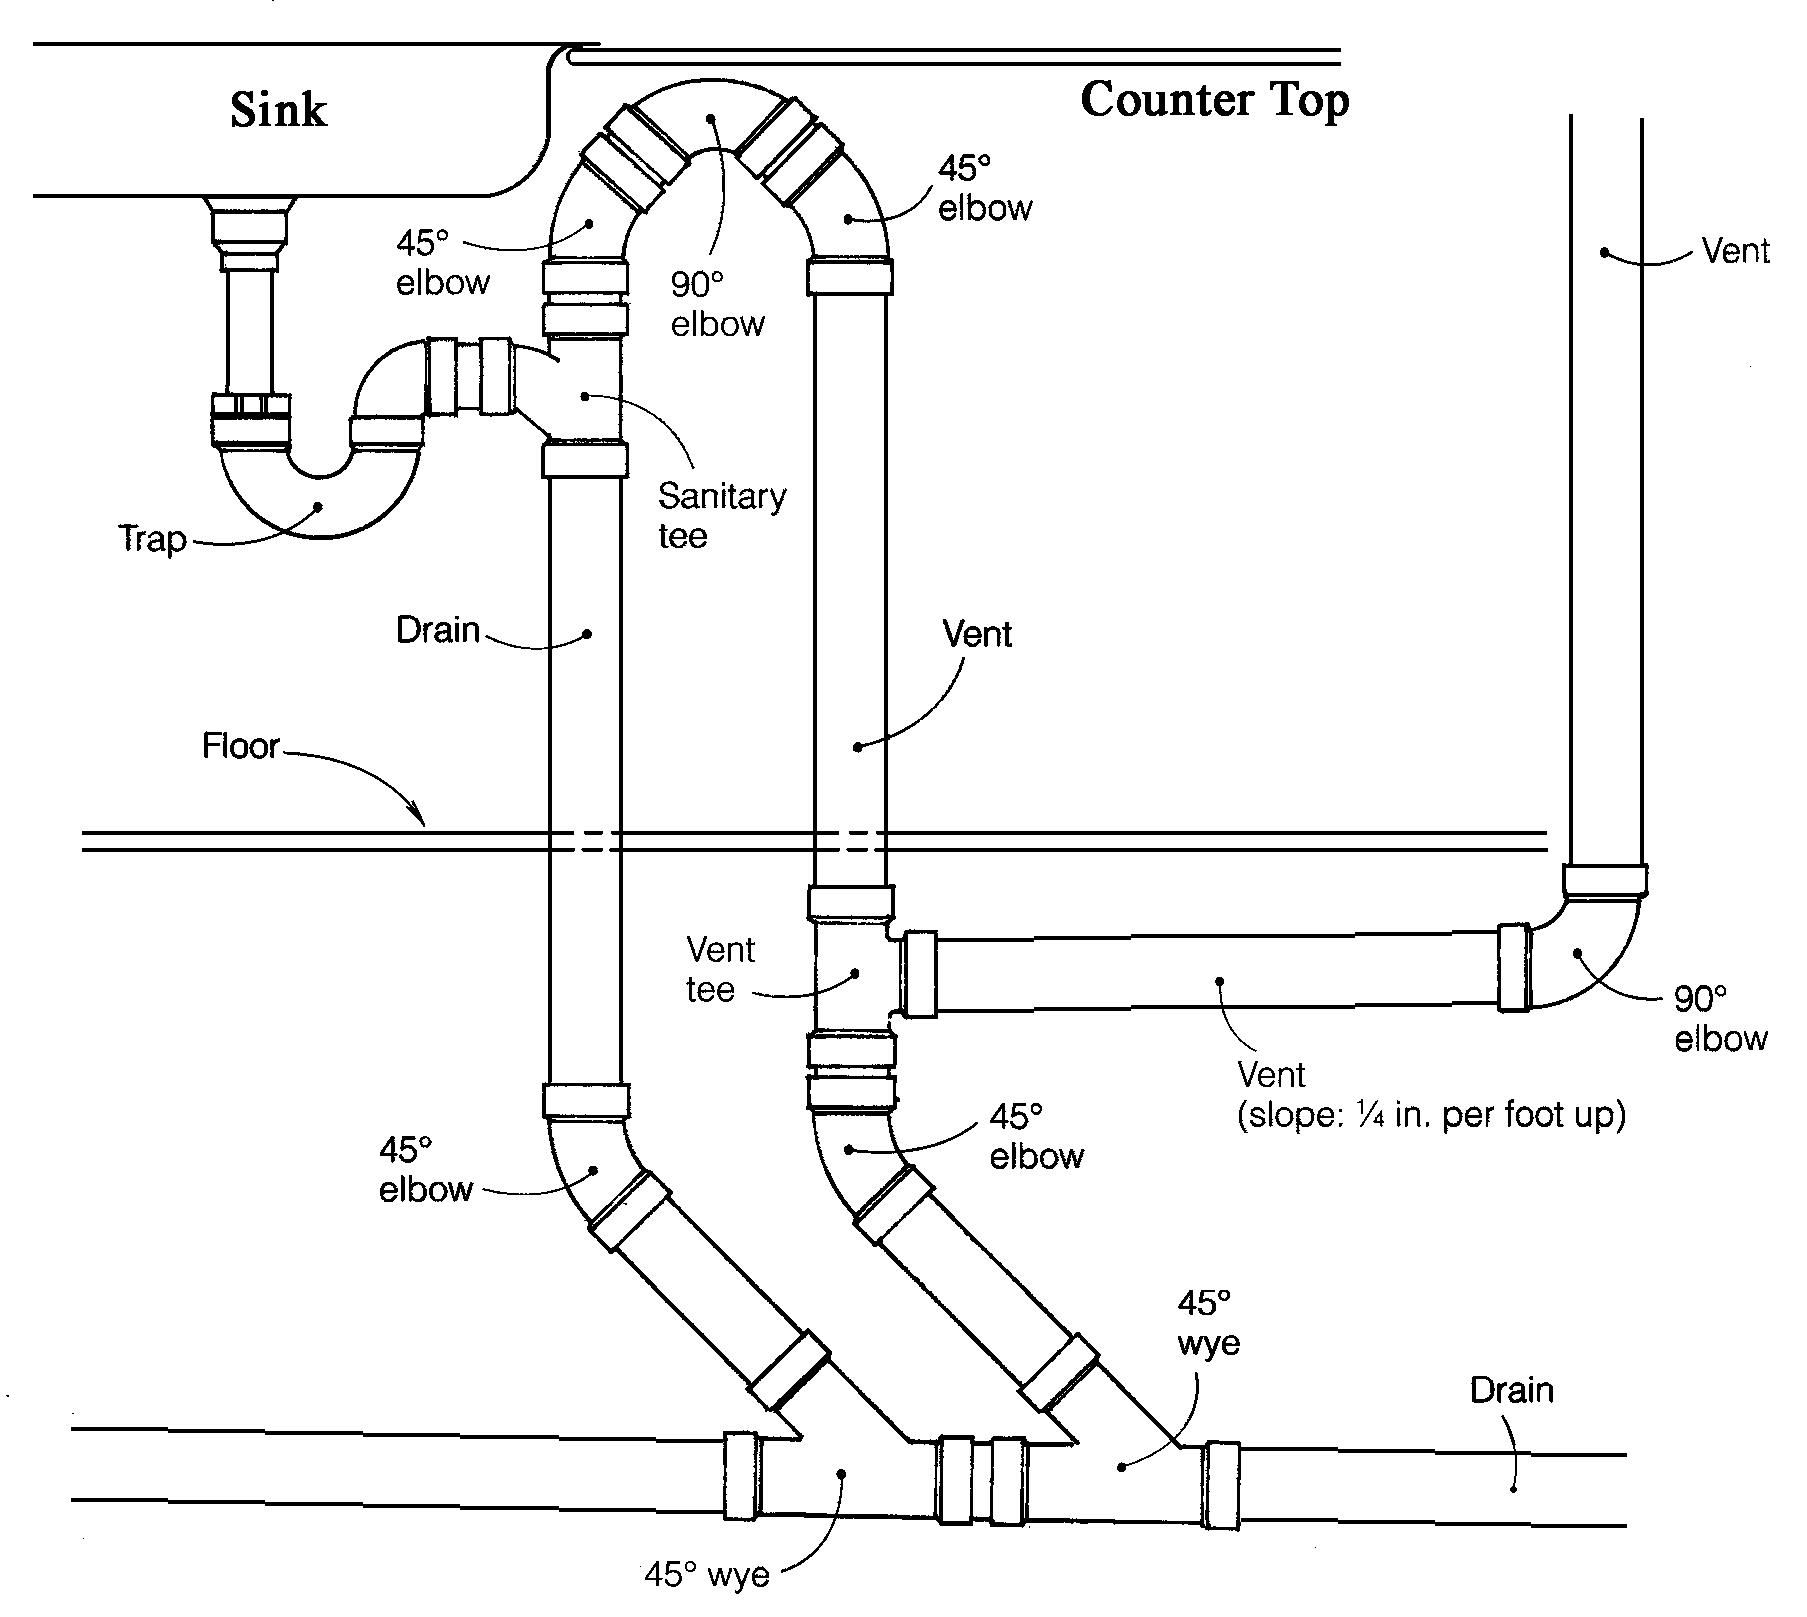 pluislandsink tiny house plumbing vent bathroom plumbing plumbing vent diagram tiny house plumbing pinterest plumbing [ 1807 x 1617 Pixel ]